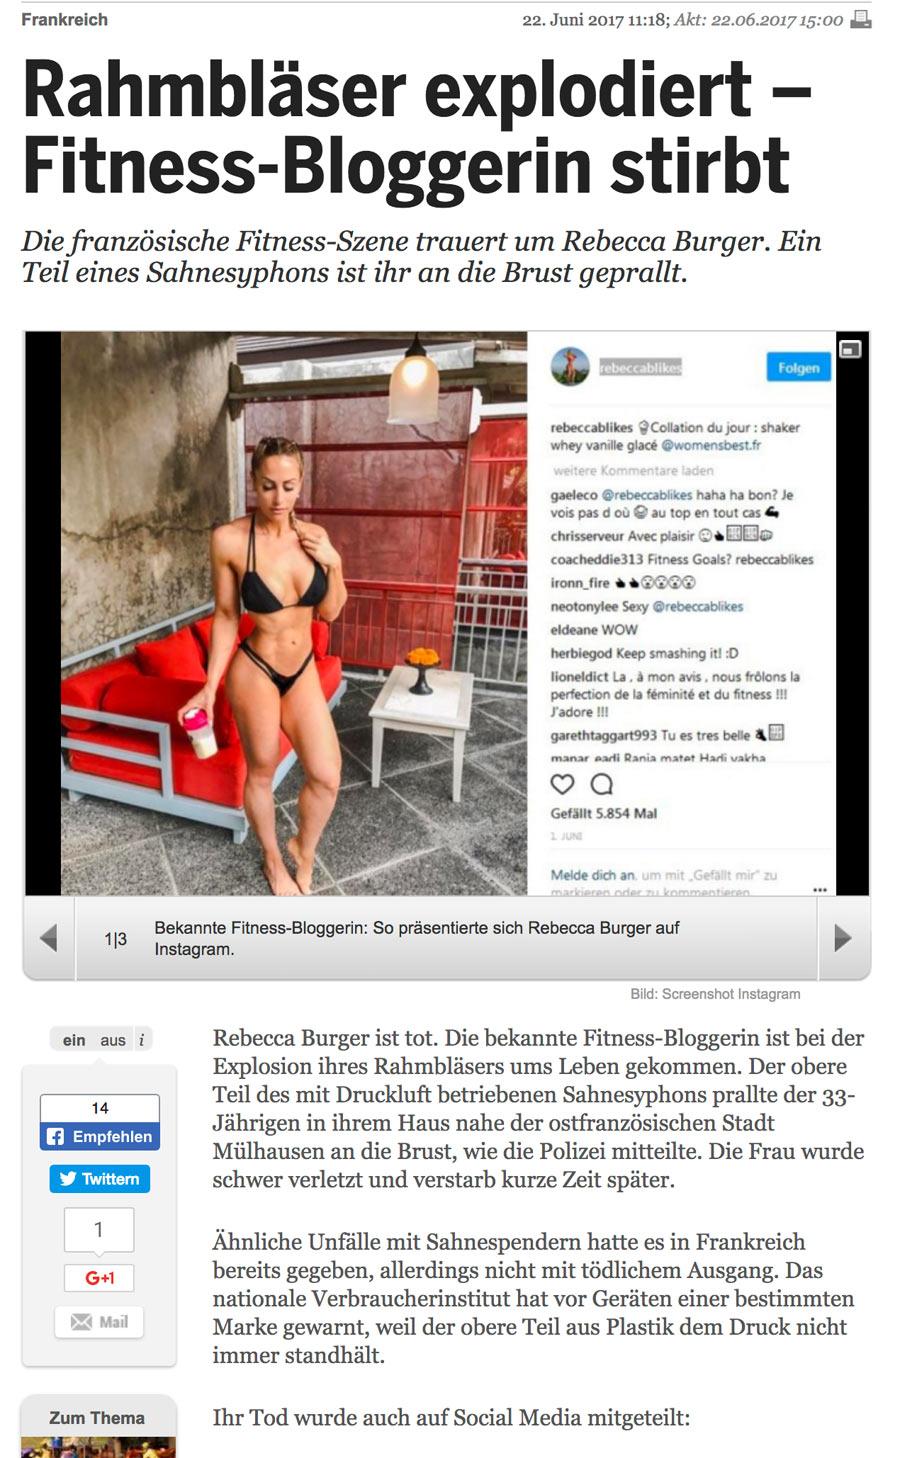 rebecca burger 20min - Fitness Bloggerin sprengt sich mit Küchengerät in die Luft und stirbt